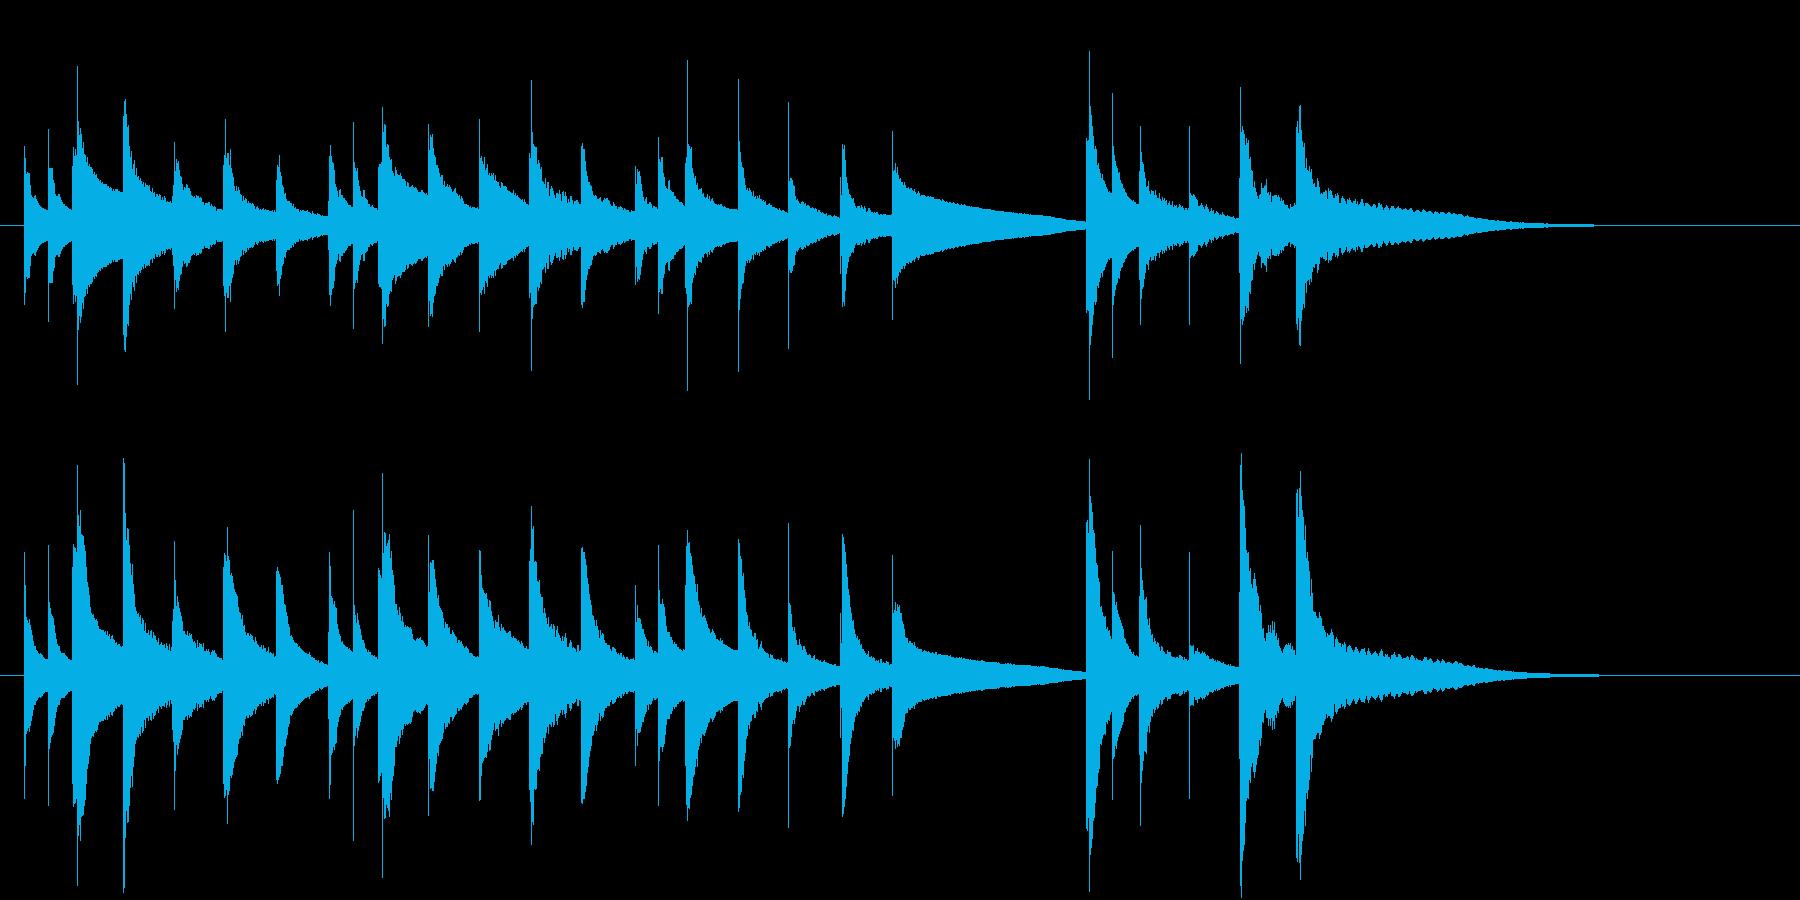 ハッピーバースデーのオルゴール(シンセ)の再生済みの波形